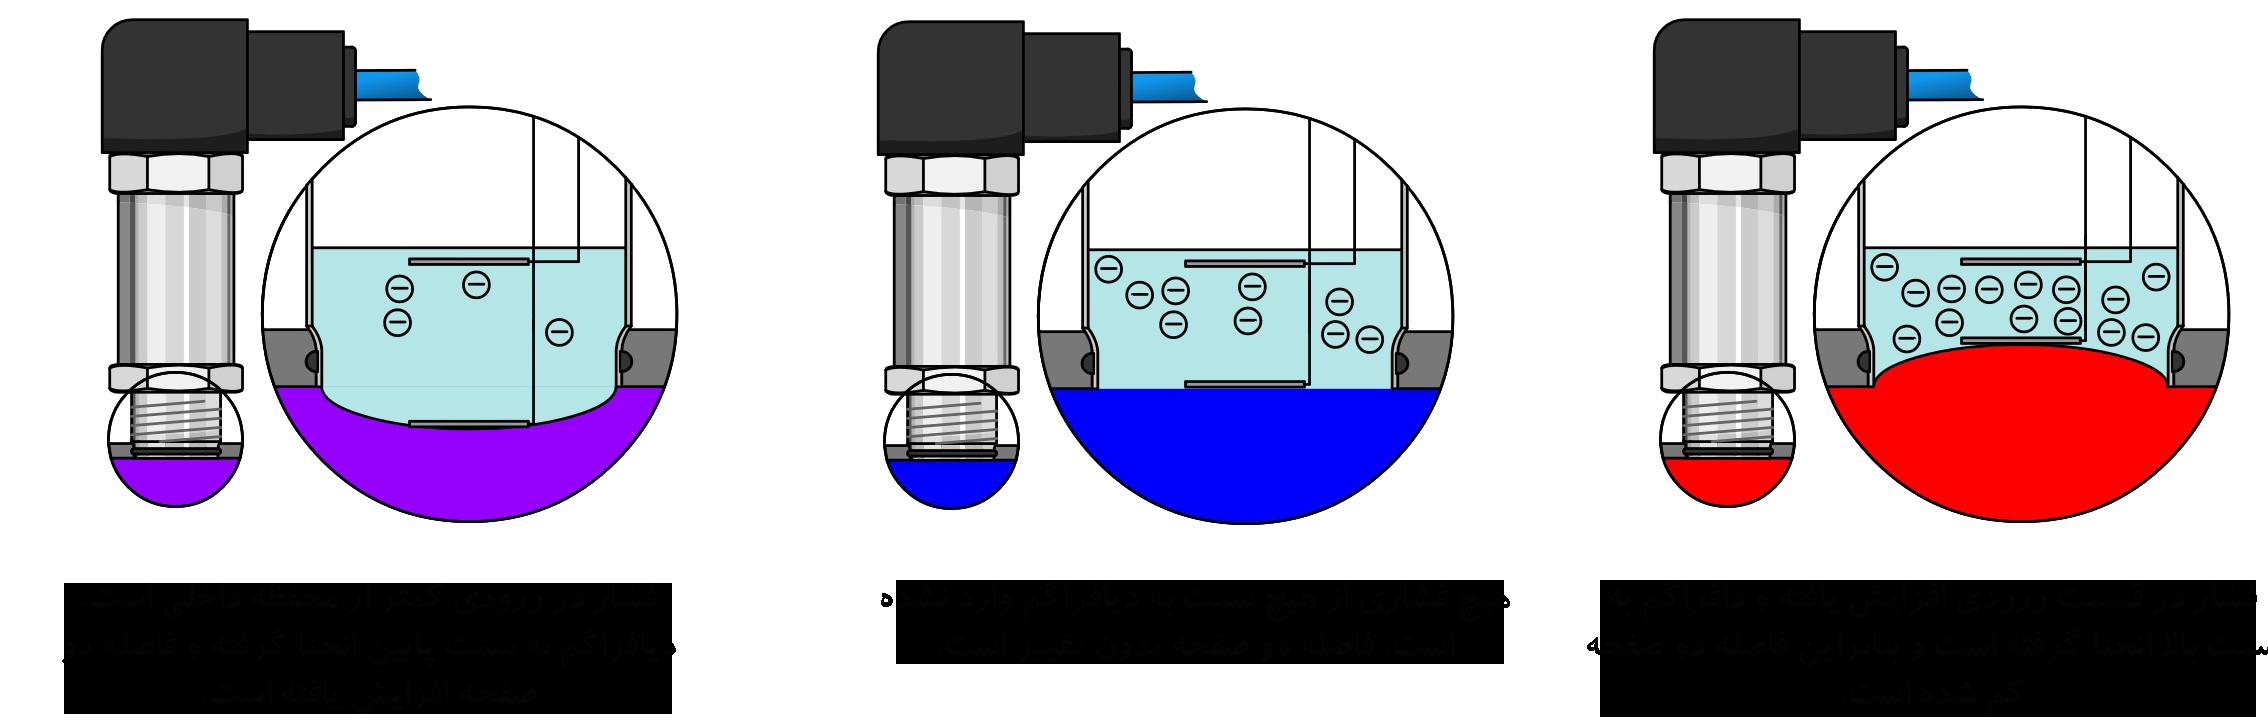 نحوه عملکرد سنسور فشار ظرفیت متغیر